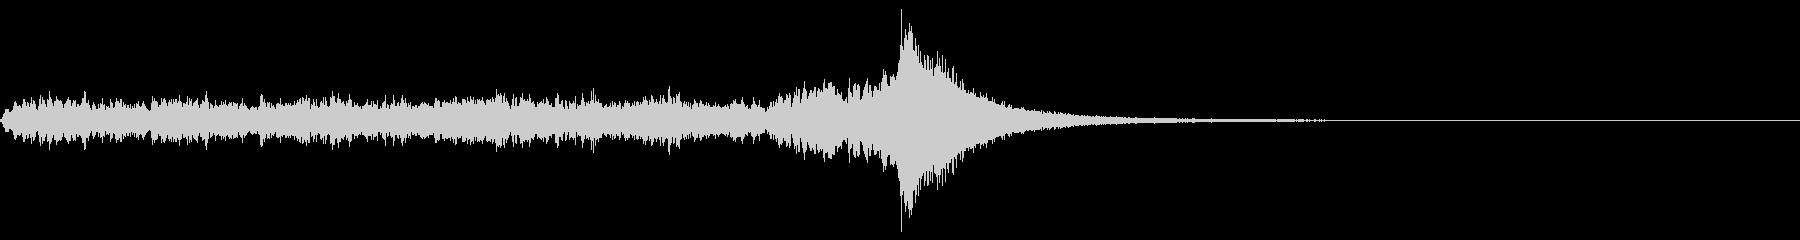 長めのドラムロール(抽選、コンテスト)の未再生の波形